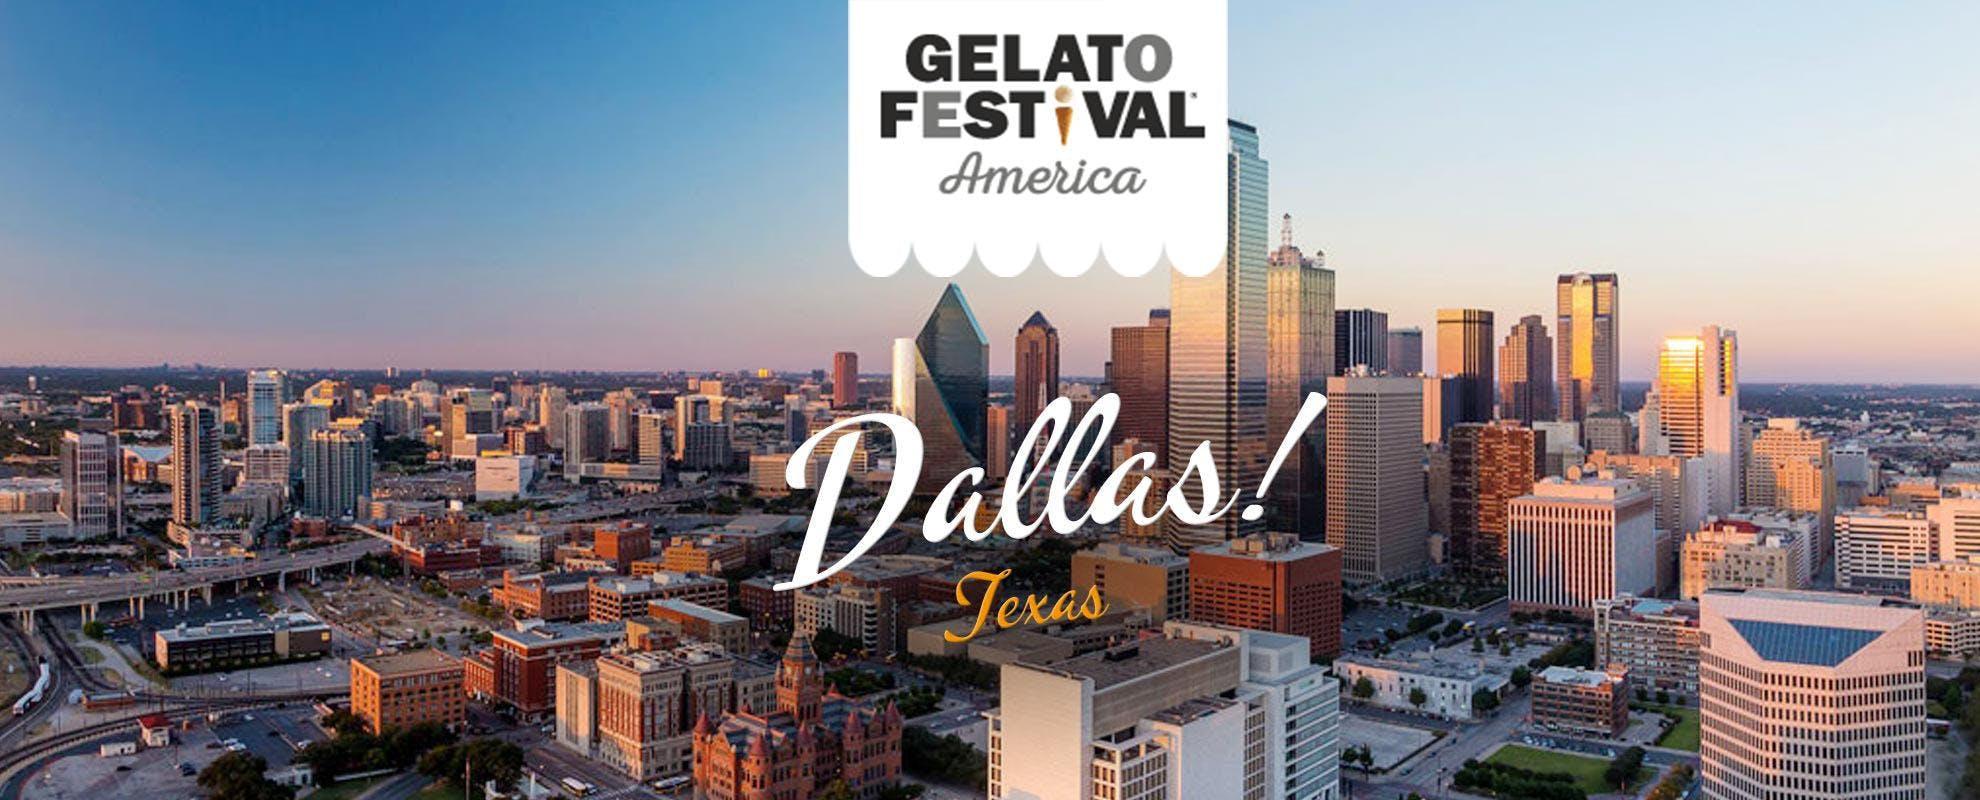 GELATO FESTIVAL DALLAS 2018